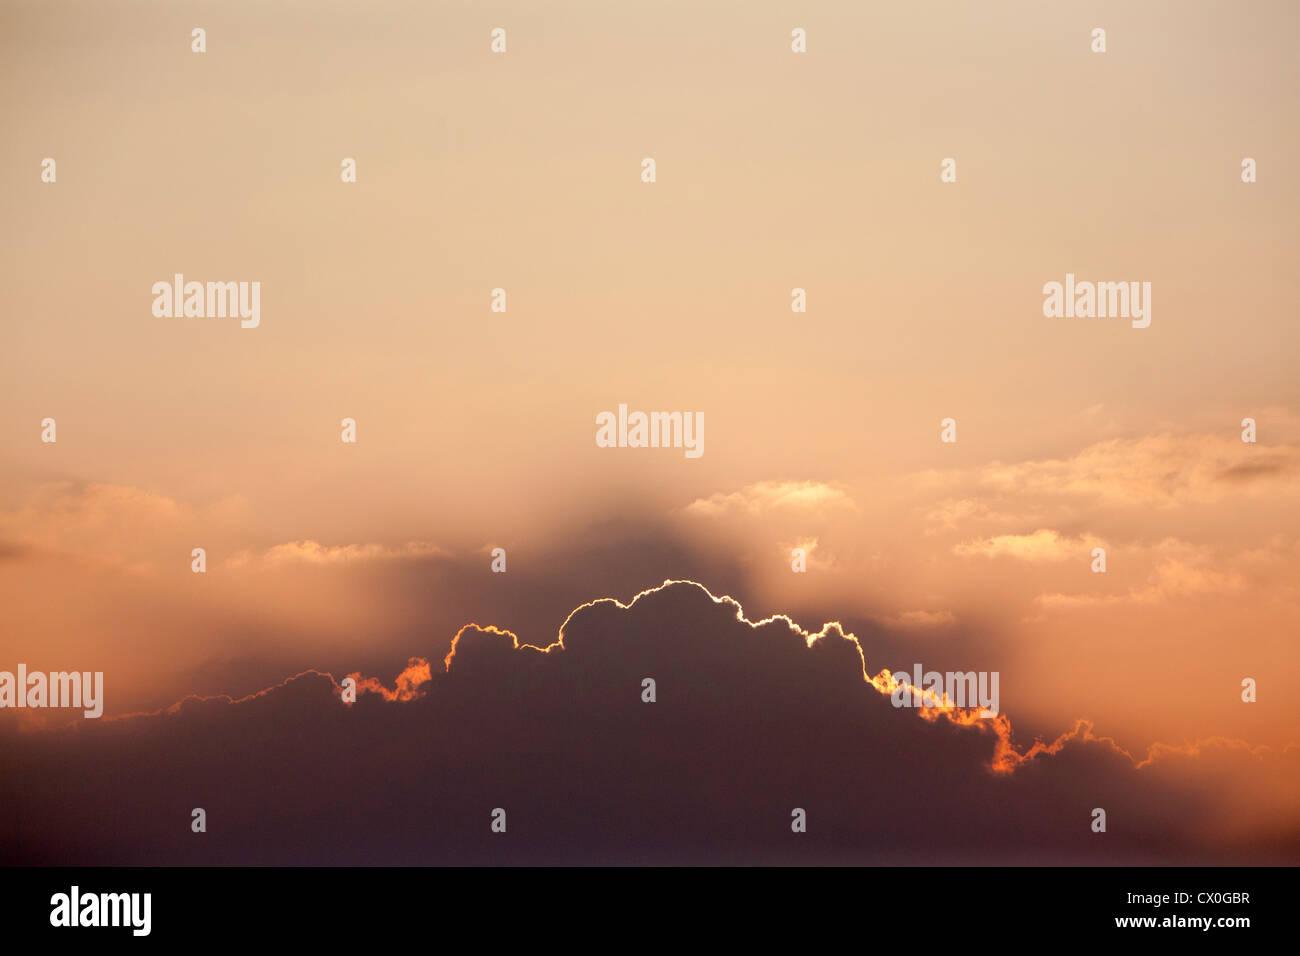 Doublure d'argent à mesure que le soleil disparaît derrière une ligne de nuages Photo Stock